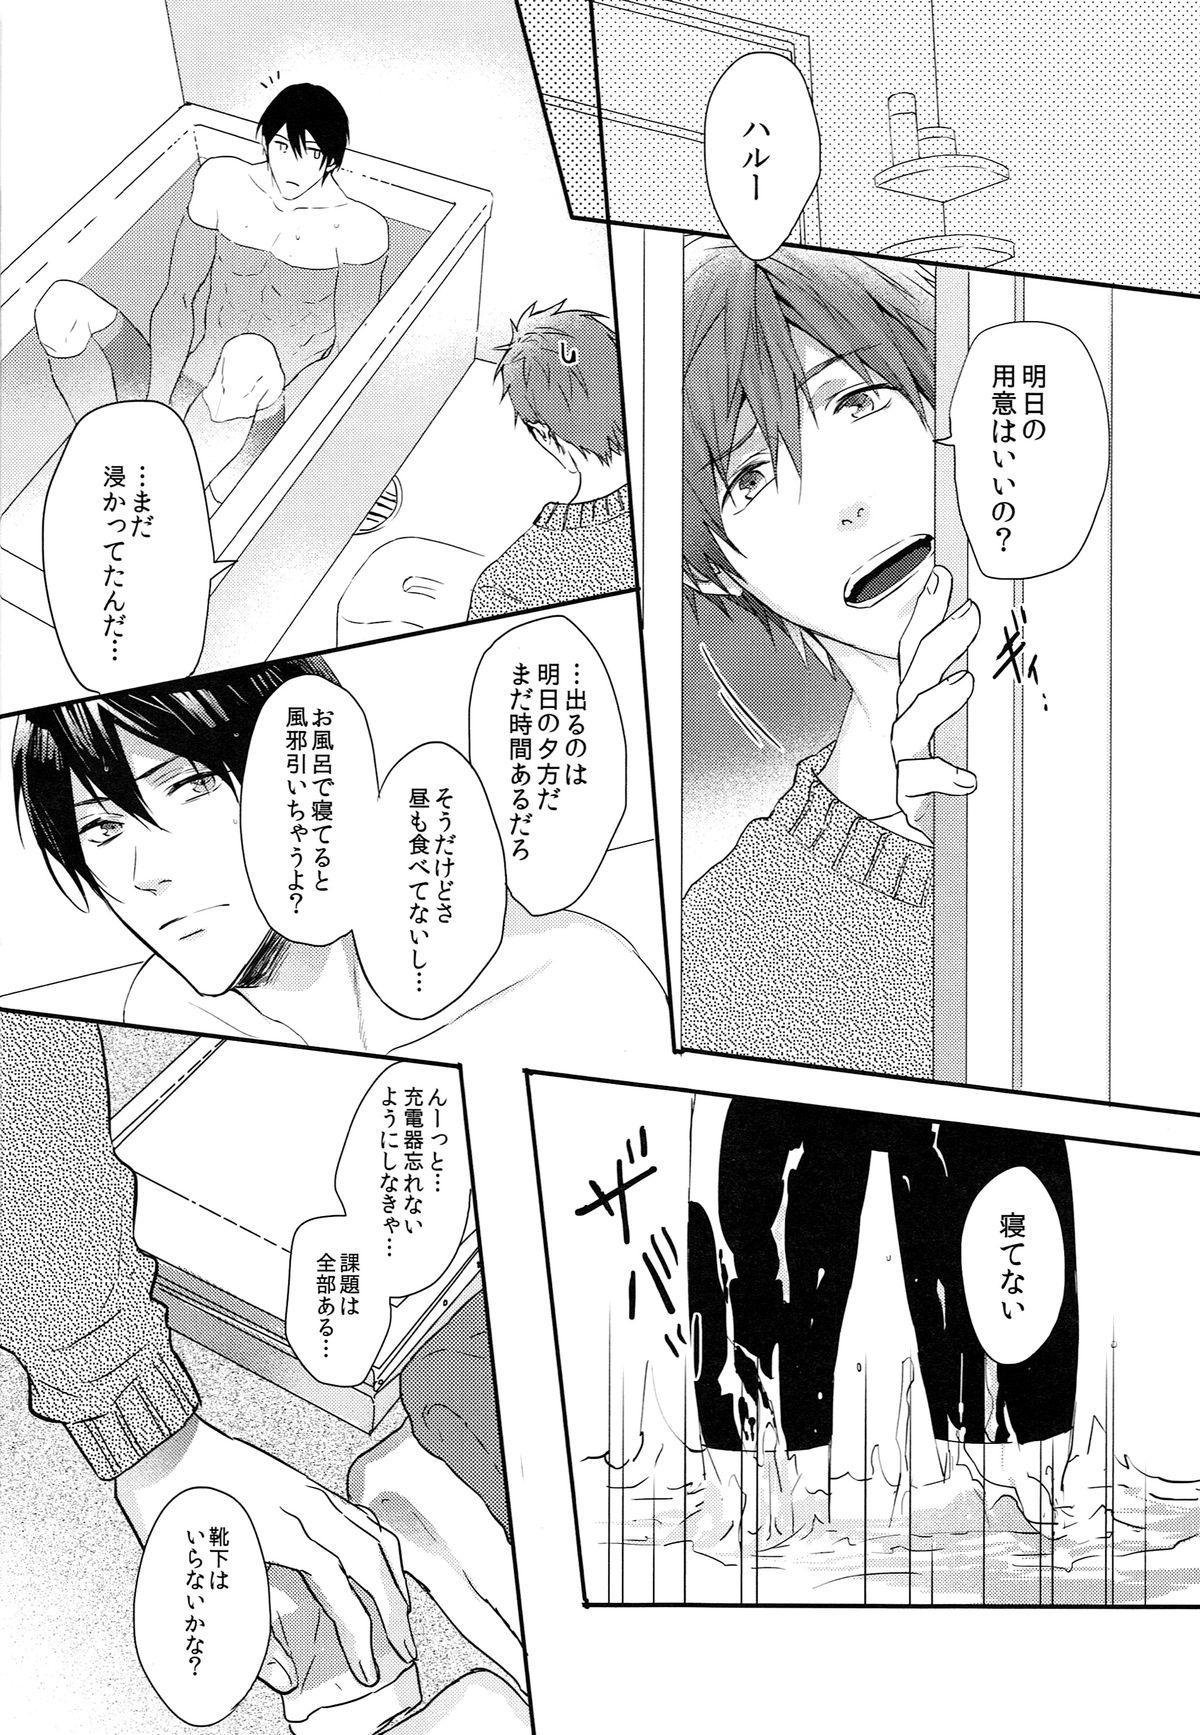 Yoru wa Oshizuka ni 2